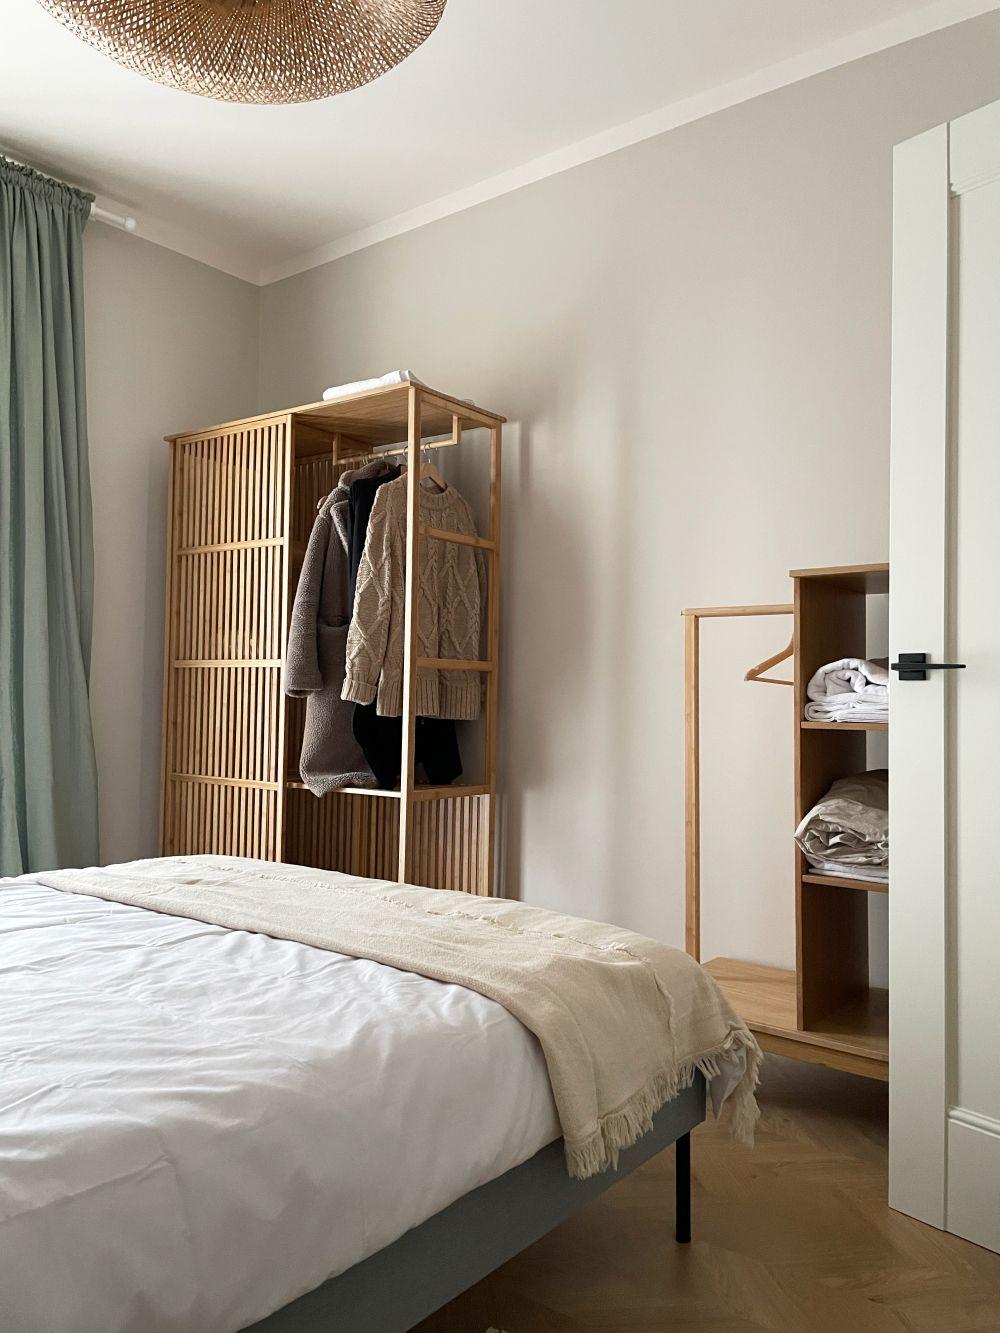 zona de dressing dormitor